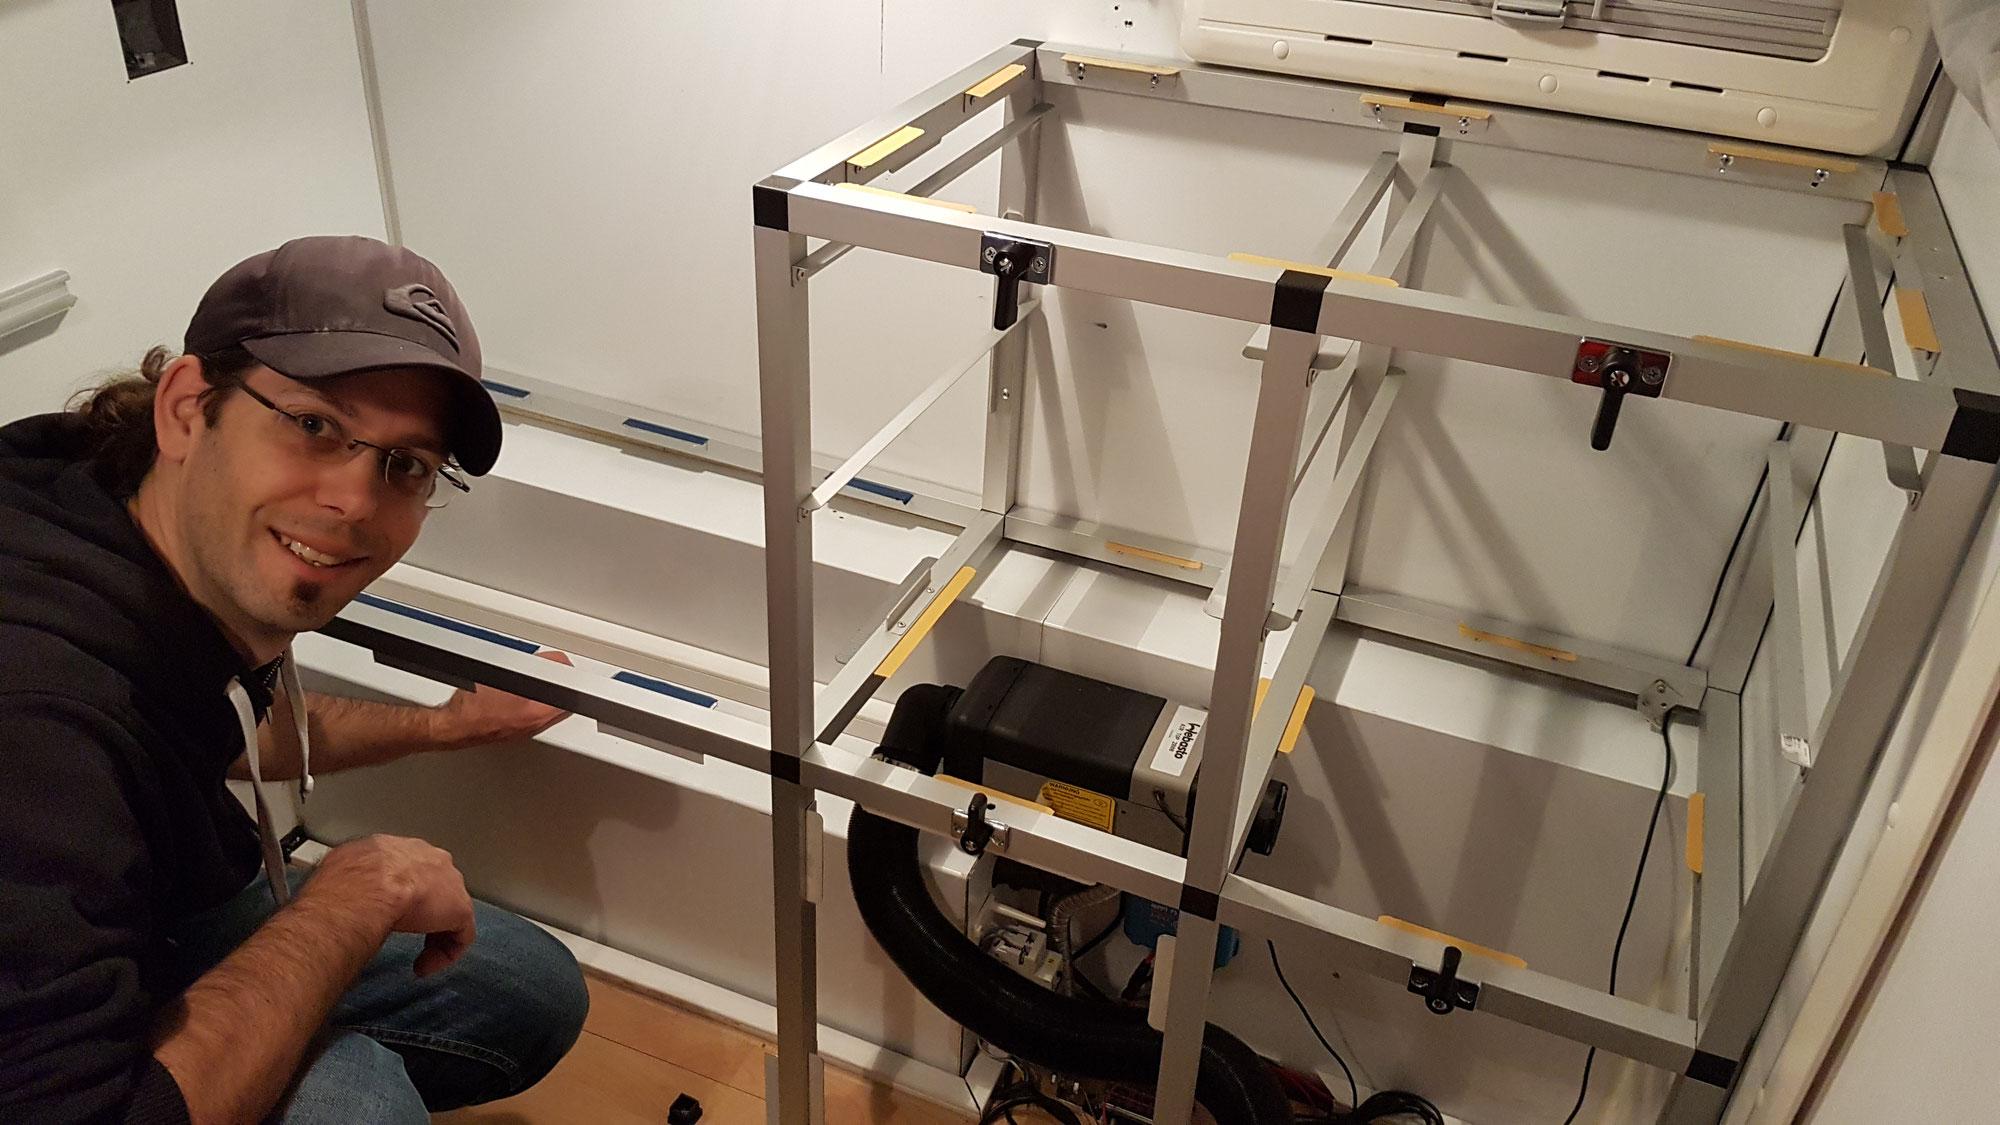 Ausbau der Küchenzeile unserer EXKAB 1 Wohnkabine